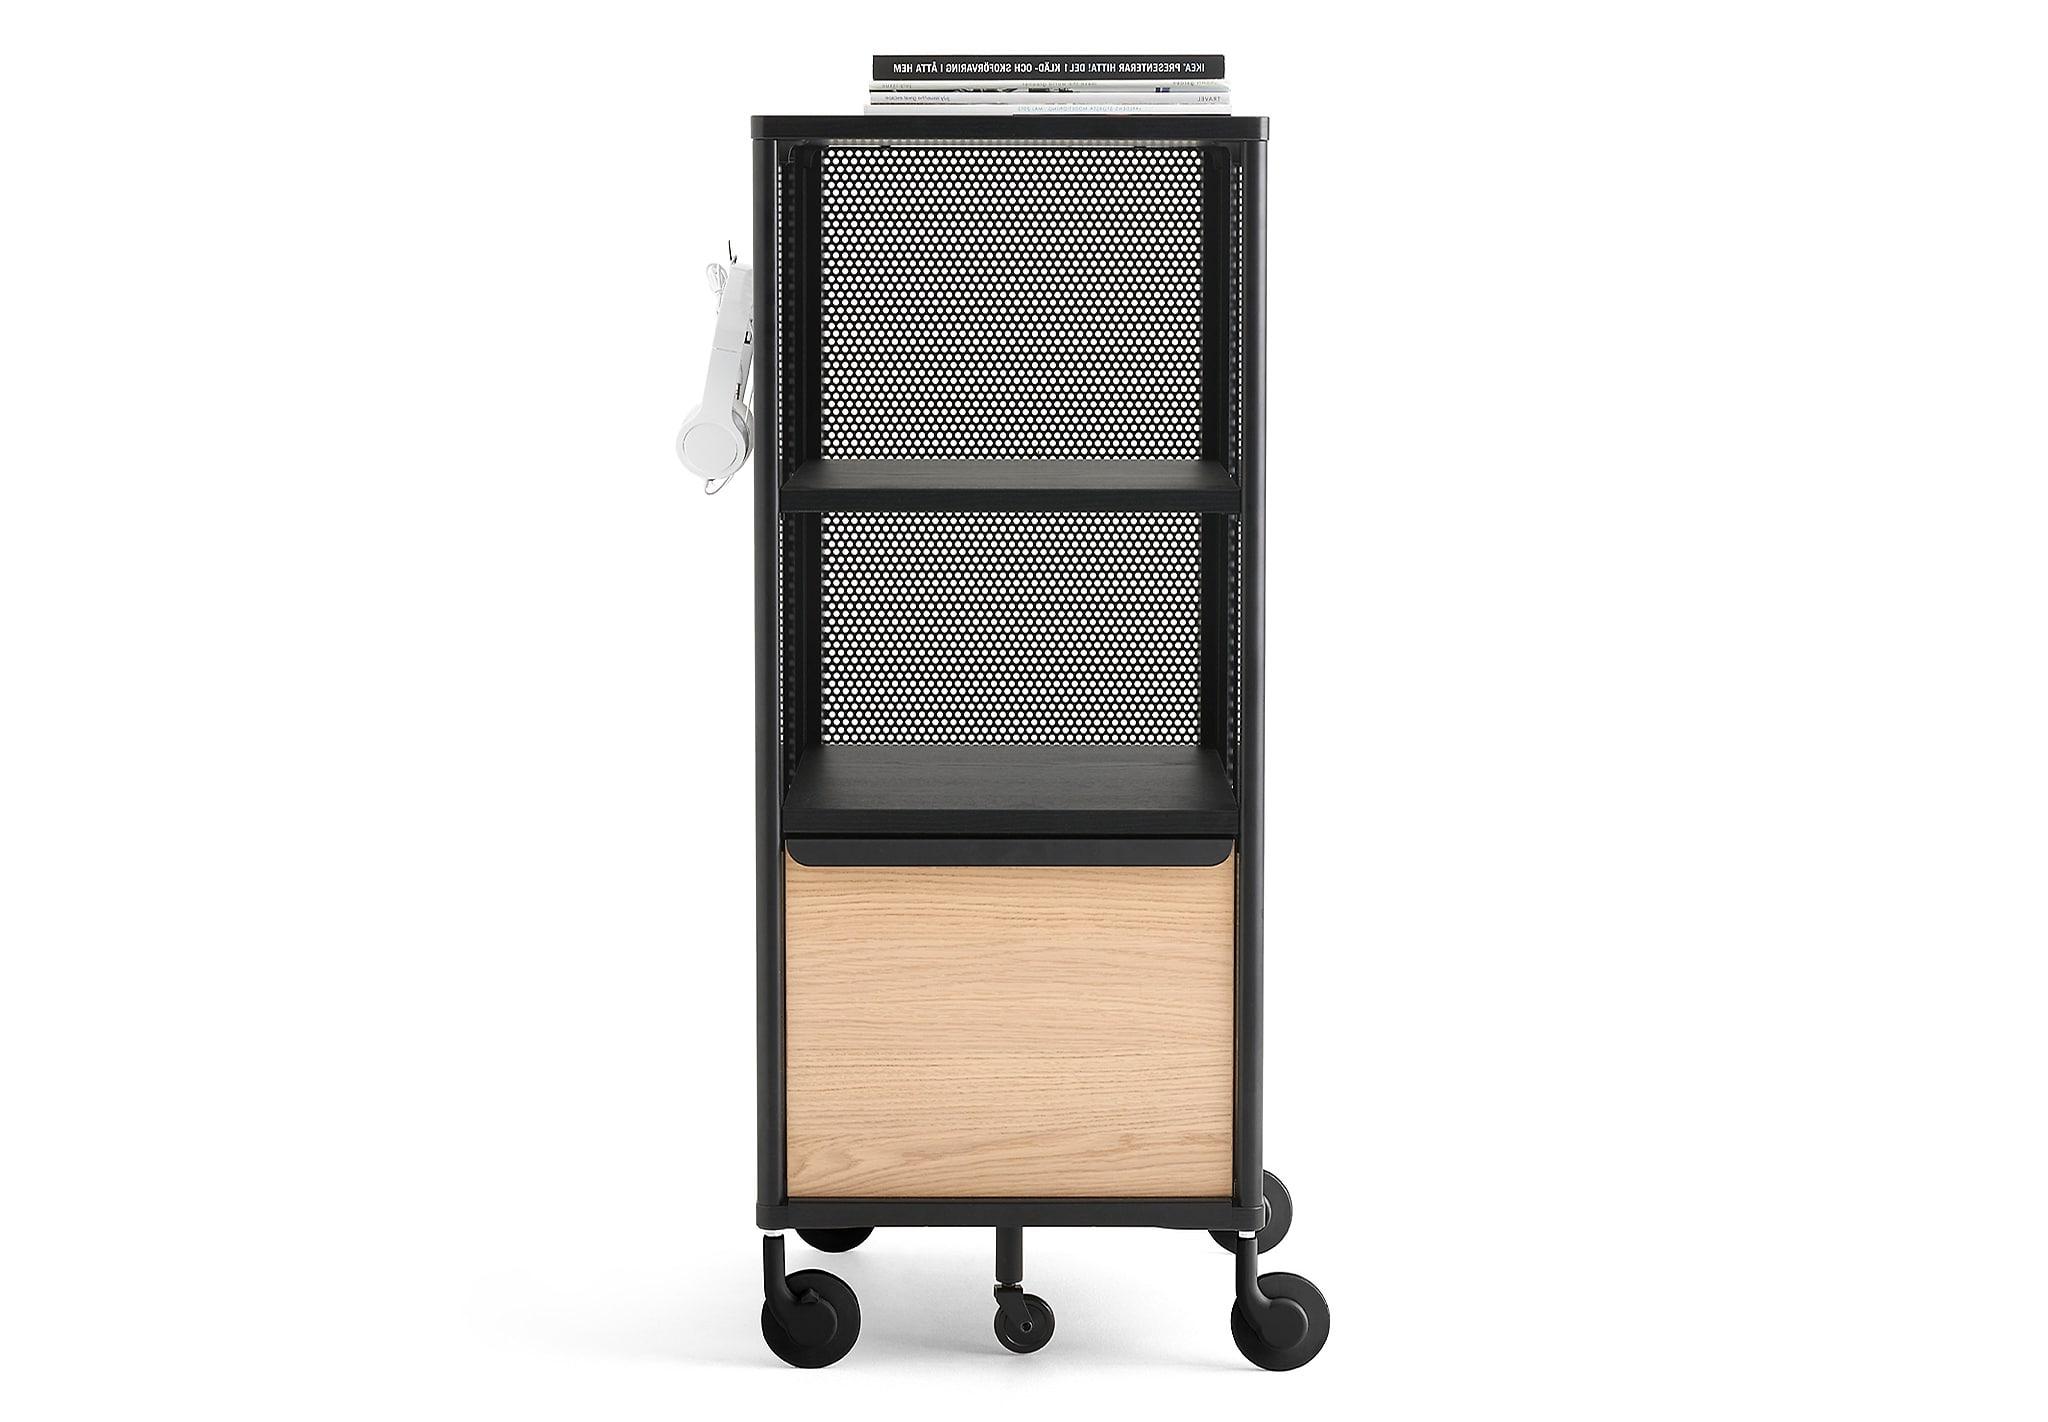 Ikea Archivadores Oficina Etdg Armarios Archivadores Y Cajoneras Pra Online Ikea